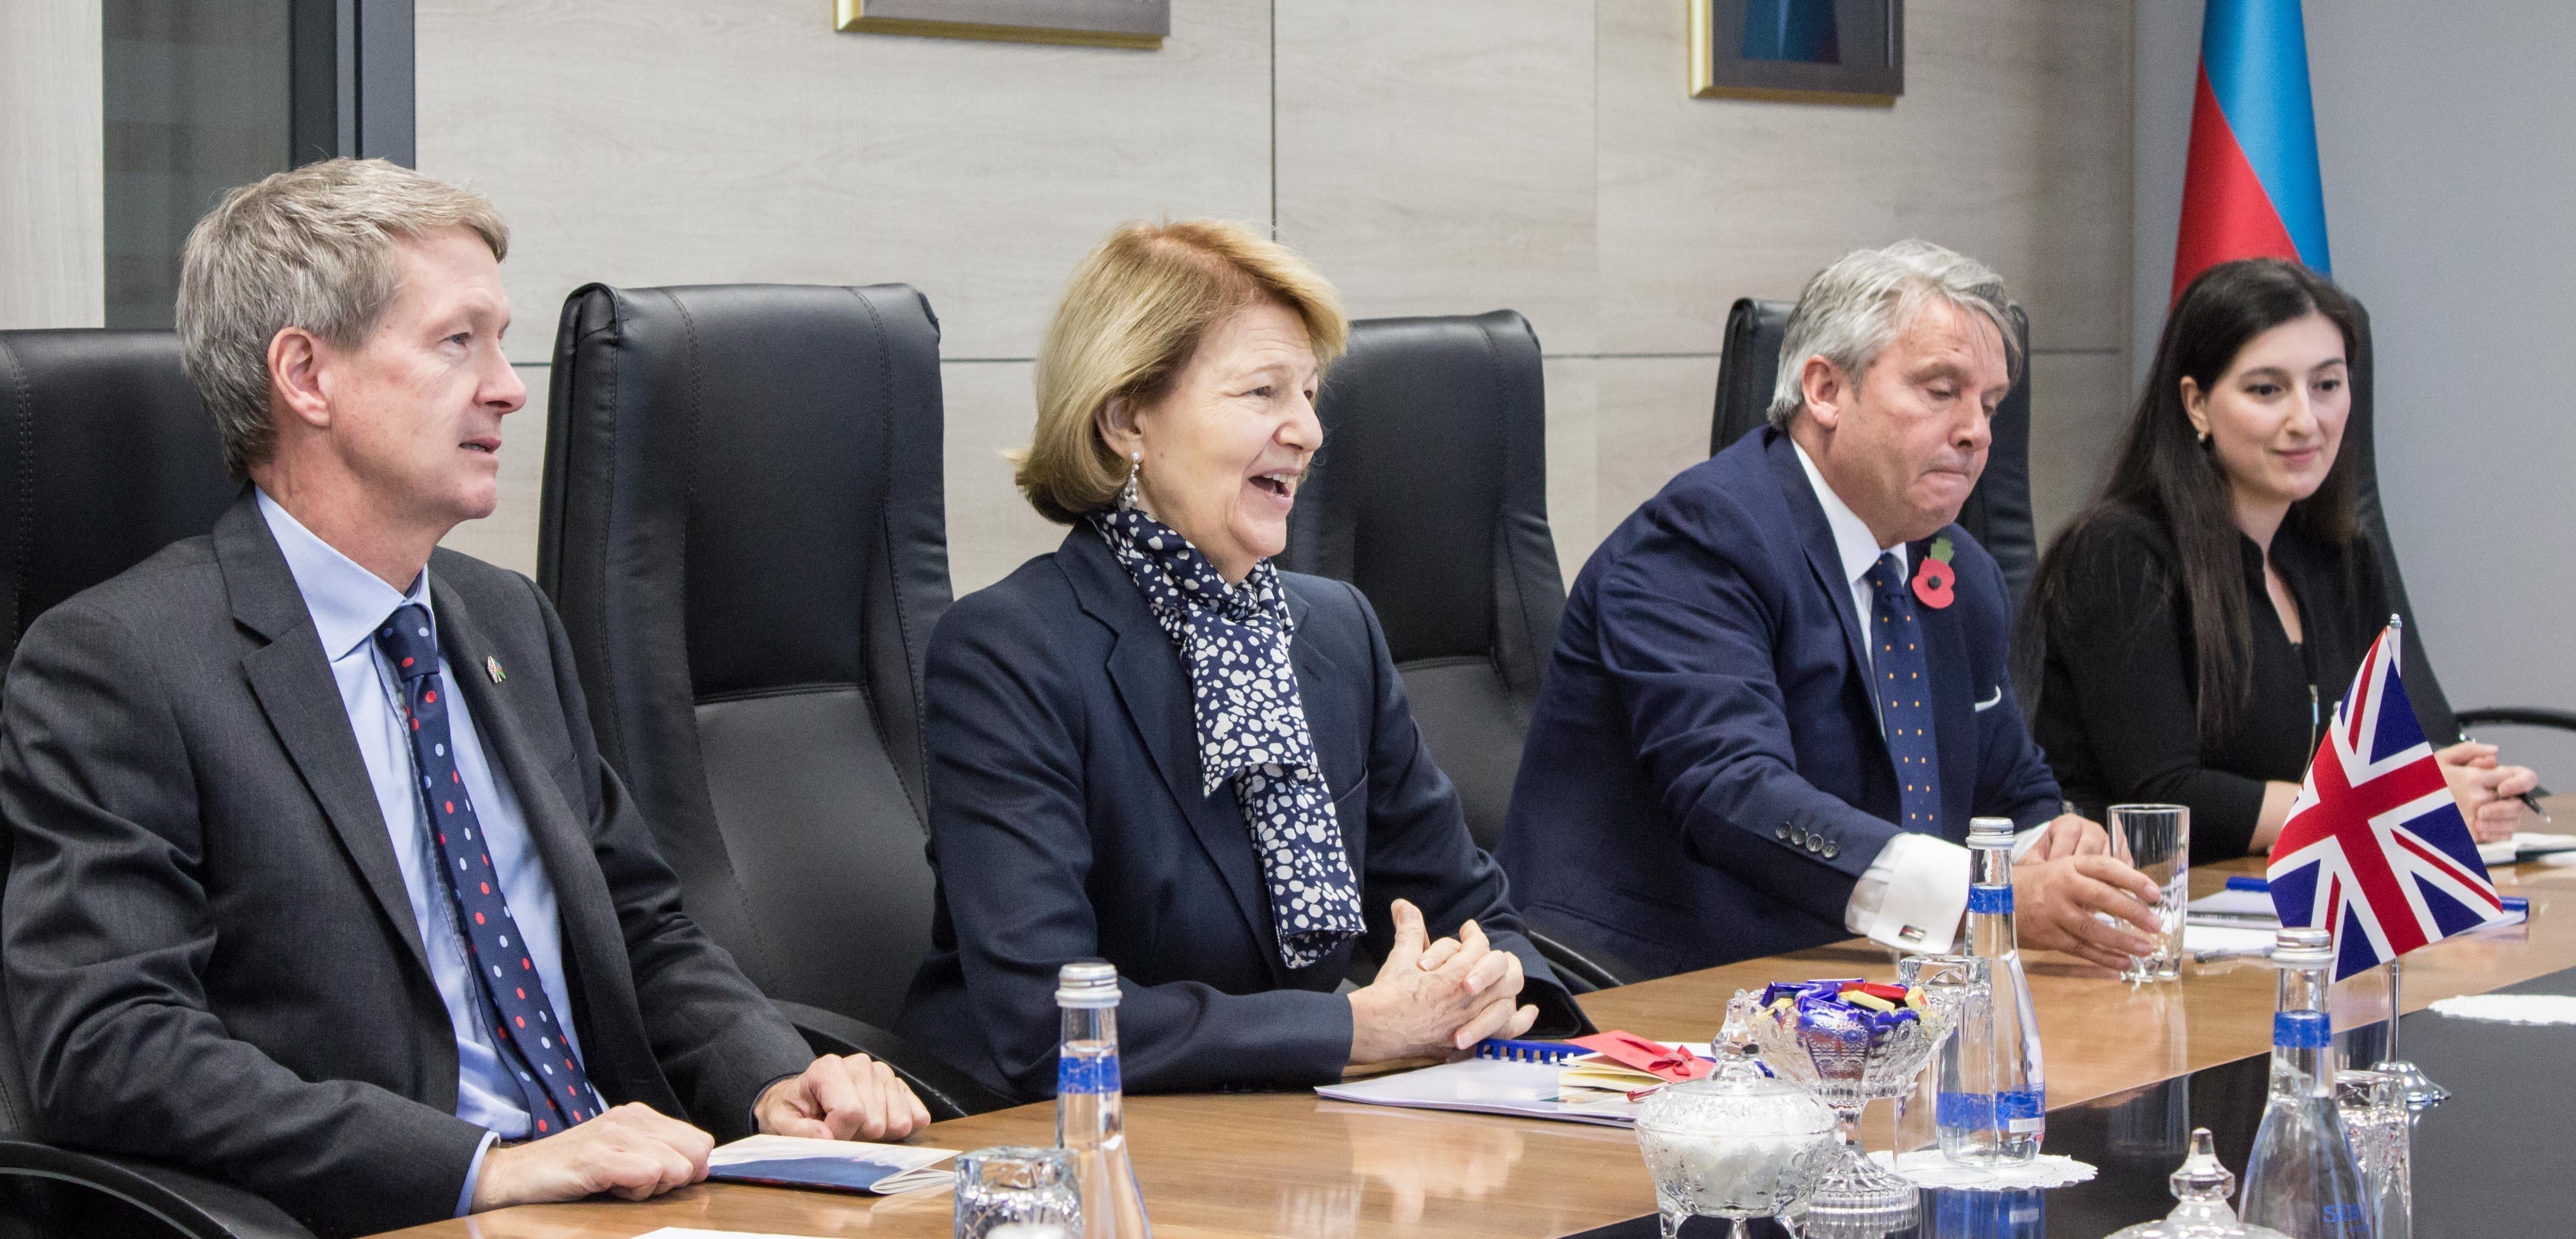 Azərbaycan və Böyük Britaniyanın enerji sahəsində əməkdaşlığı müzakirə olunub